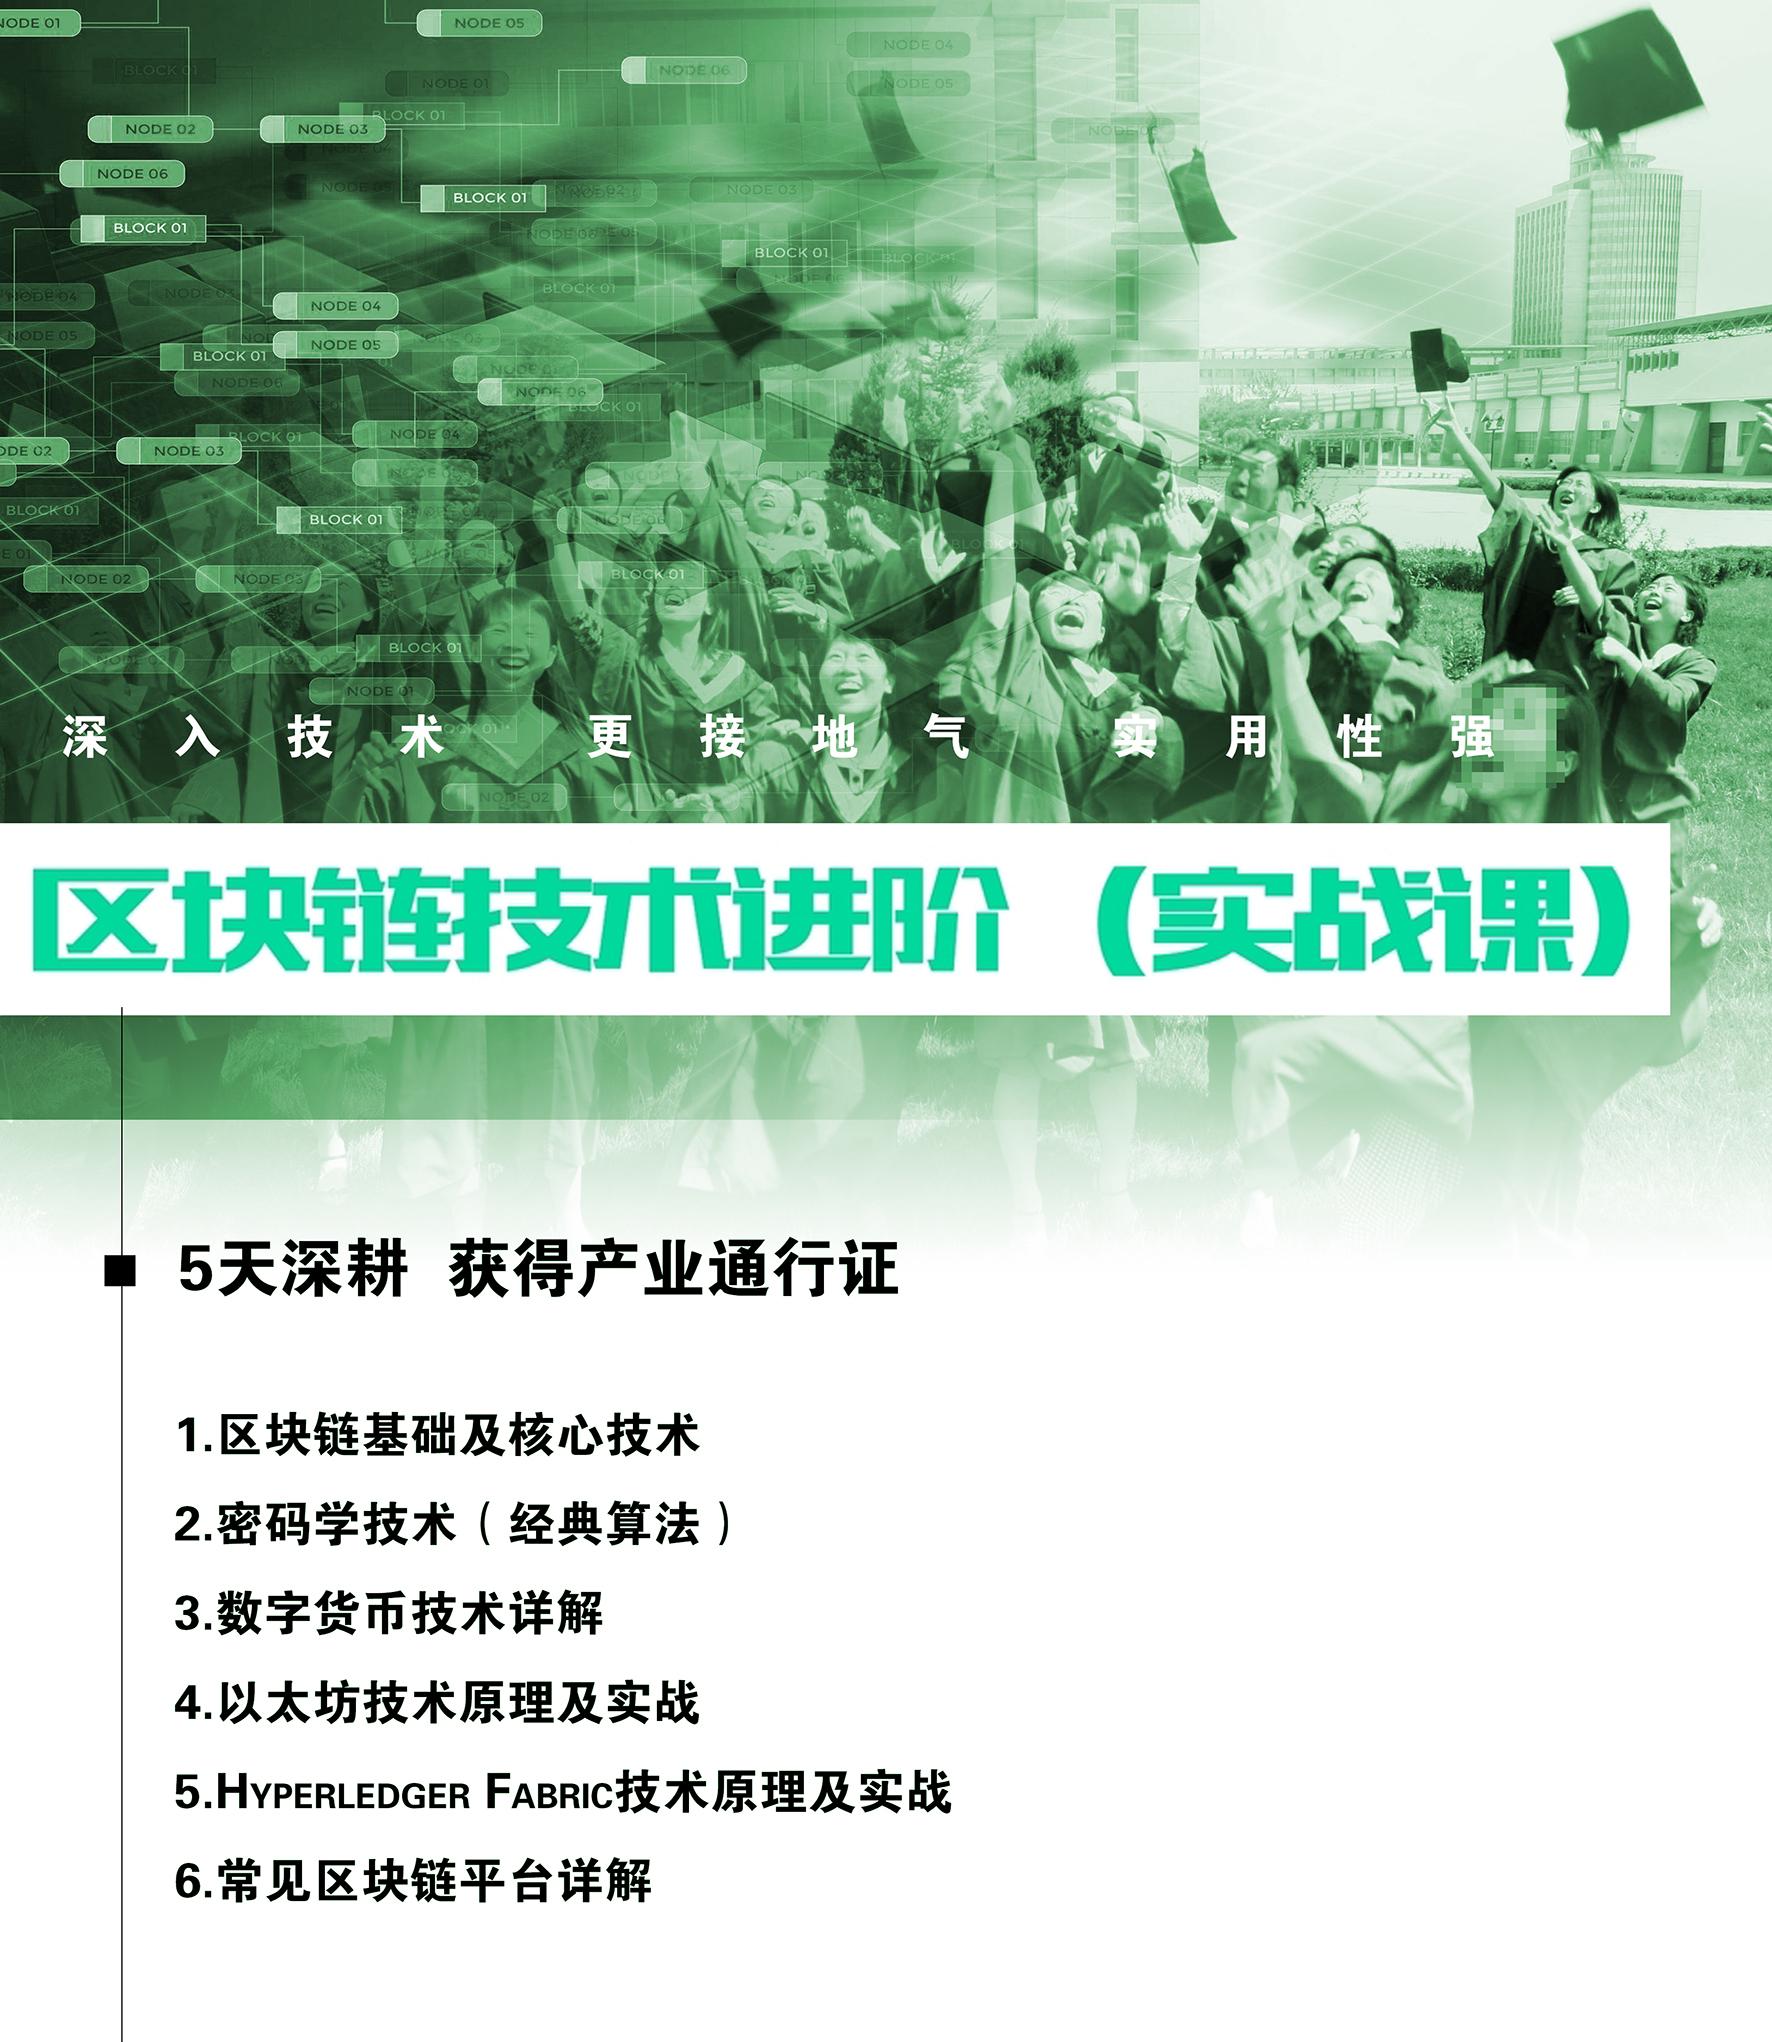 2021010714371111 - 区块链技术高校师资培训课